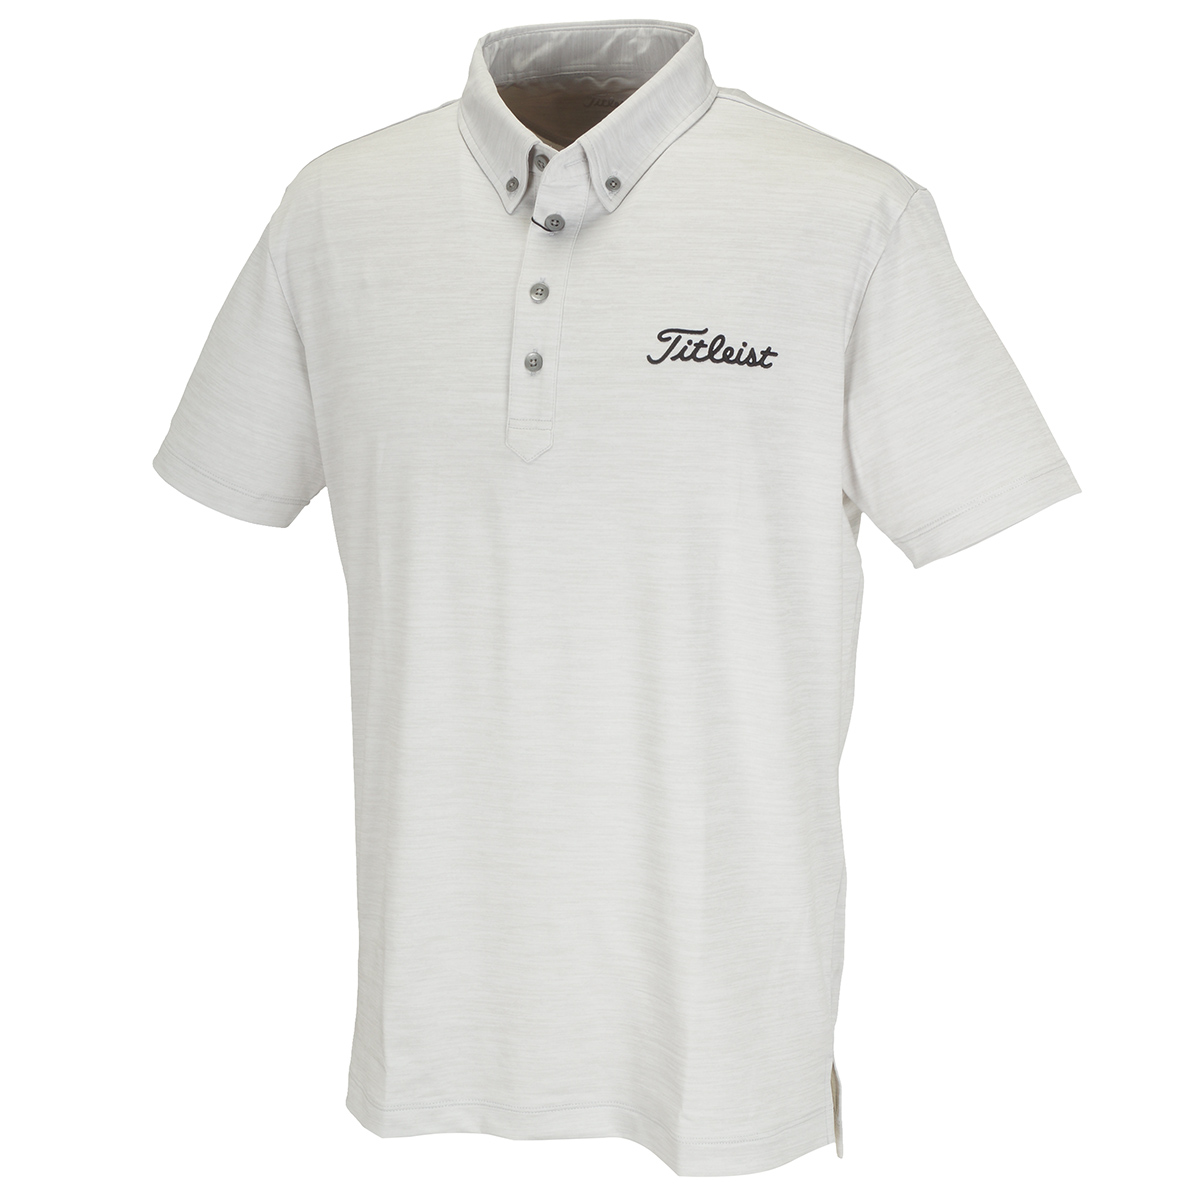 ツアーフラッグシップモデル ストレッチスムース 半袖ポロシャツ